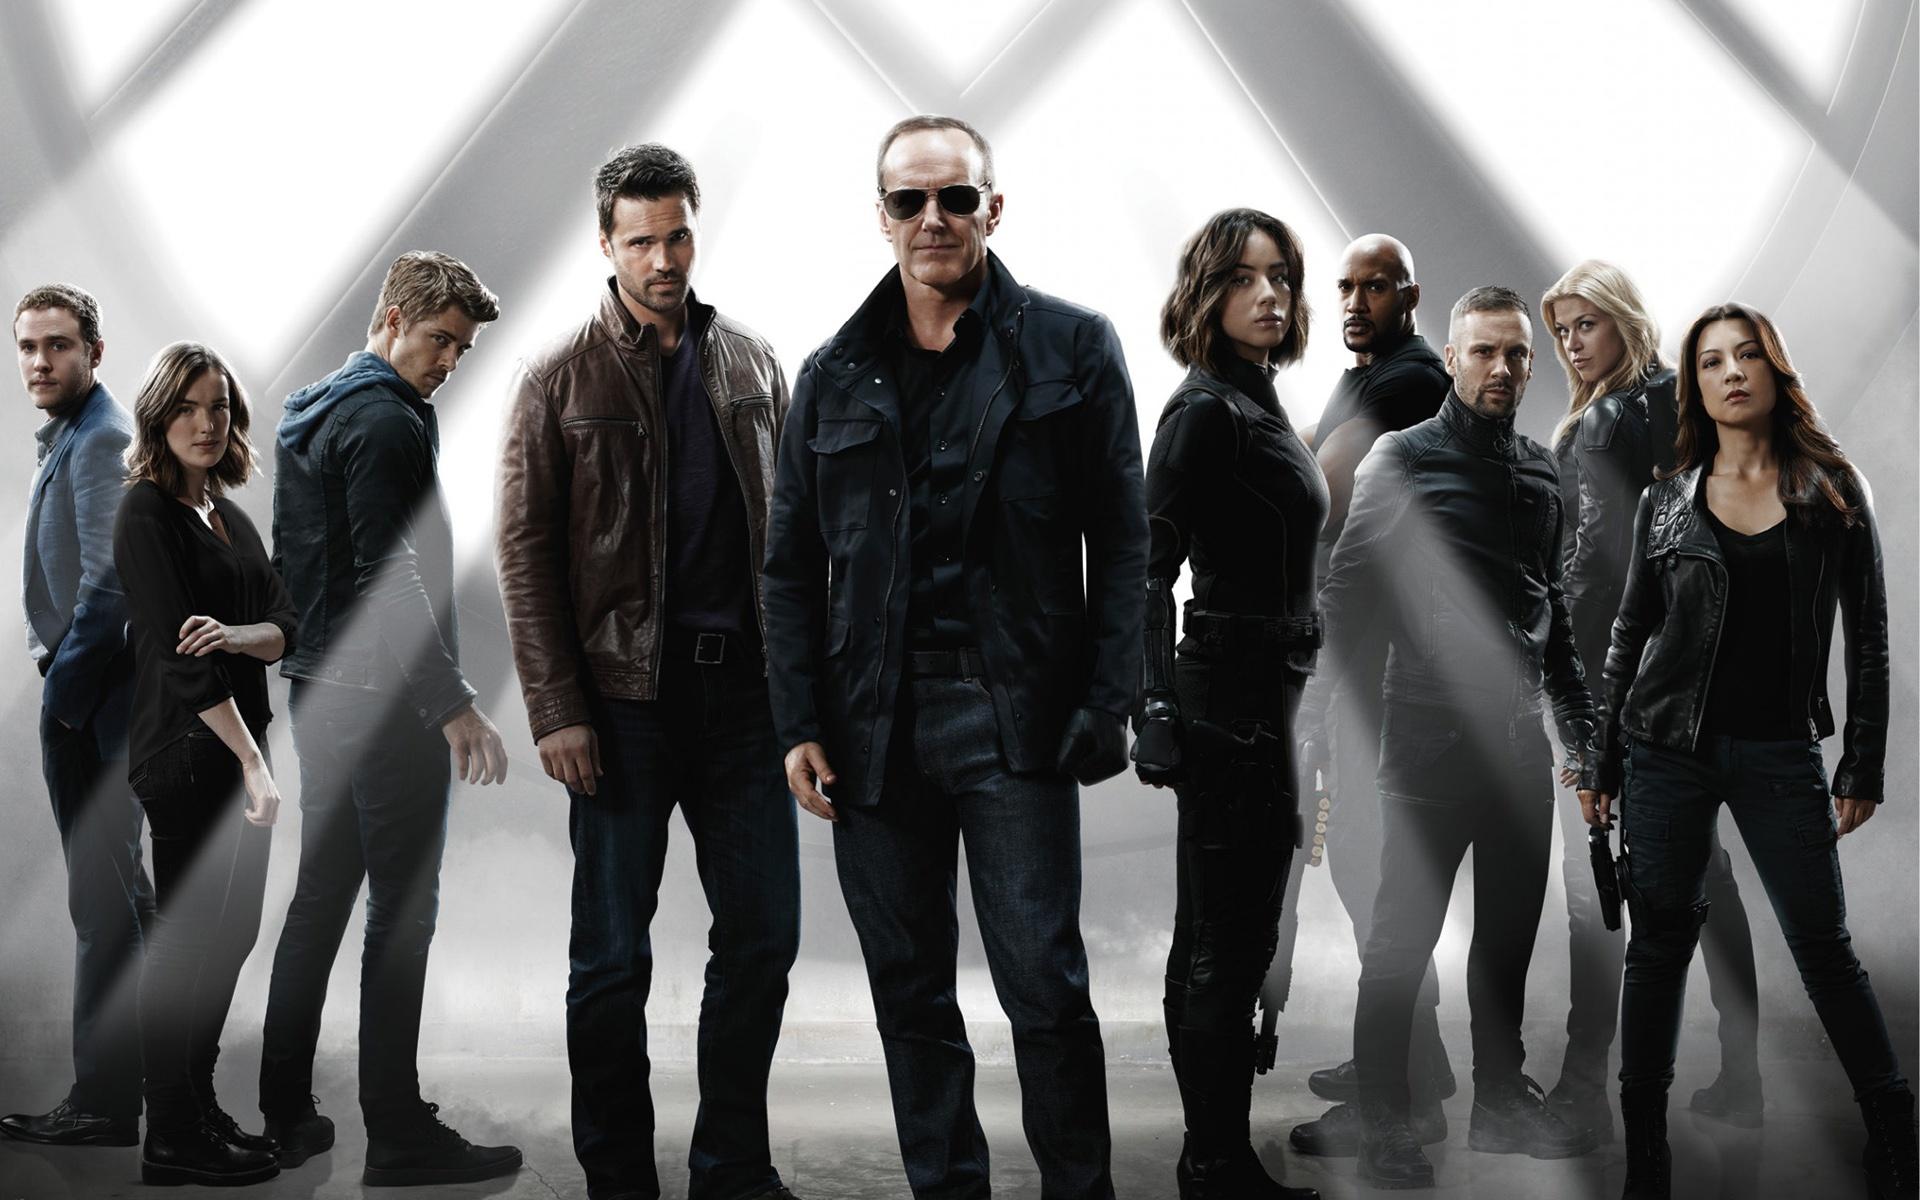 ¡Confirmada 4ta temporada de Marvel's Agents of S.H.I.E.L.D.!